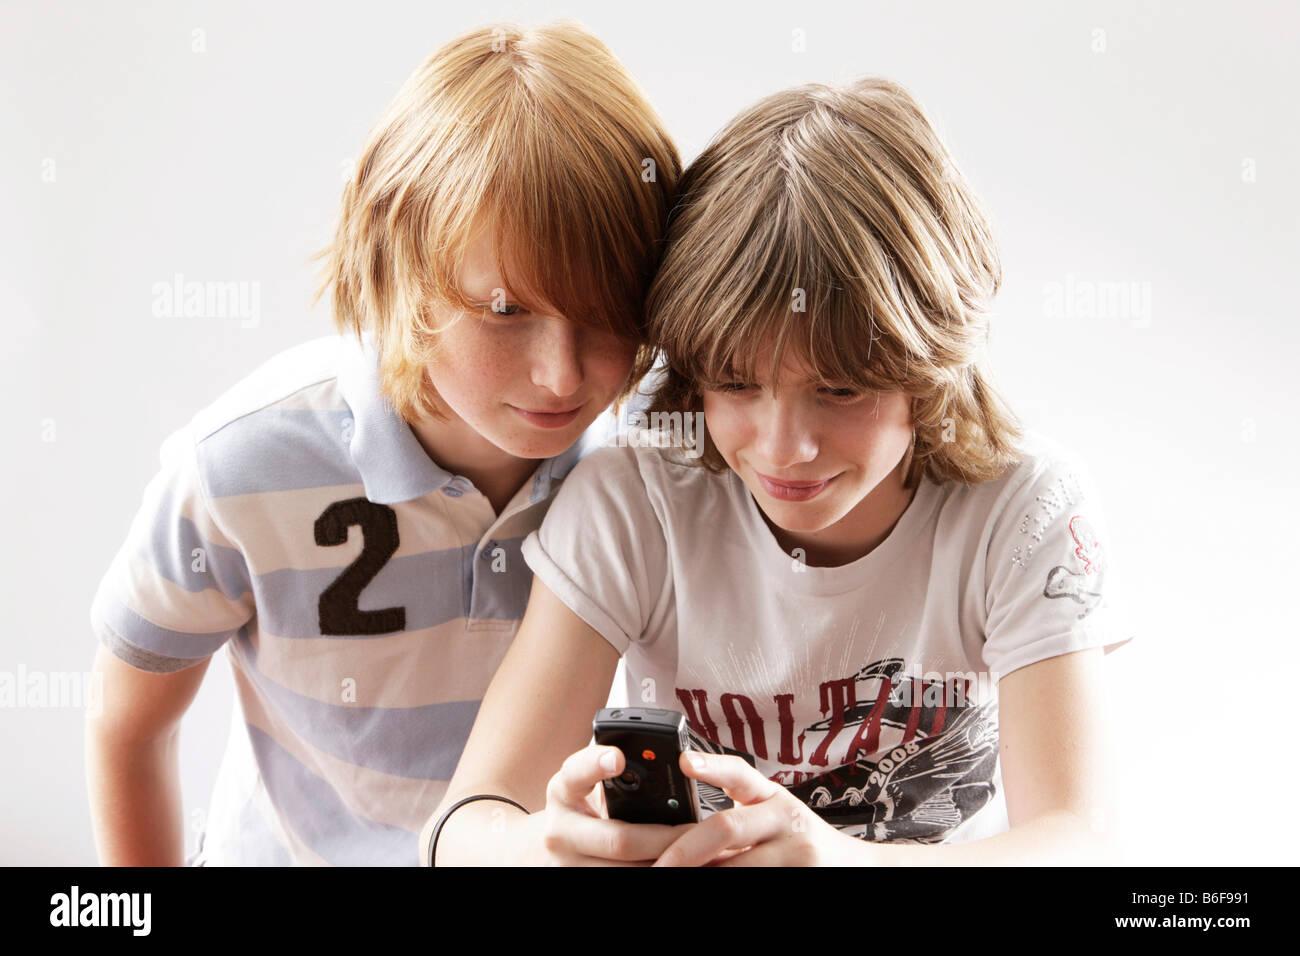 zwei 12 j hrige jungs spielen mit einem handy stockfoto bild 21234893 alamy. Black Bedroom Furniture Sets. Home Design Ideas